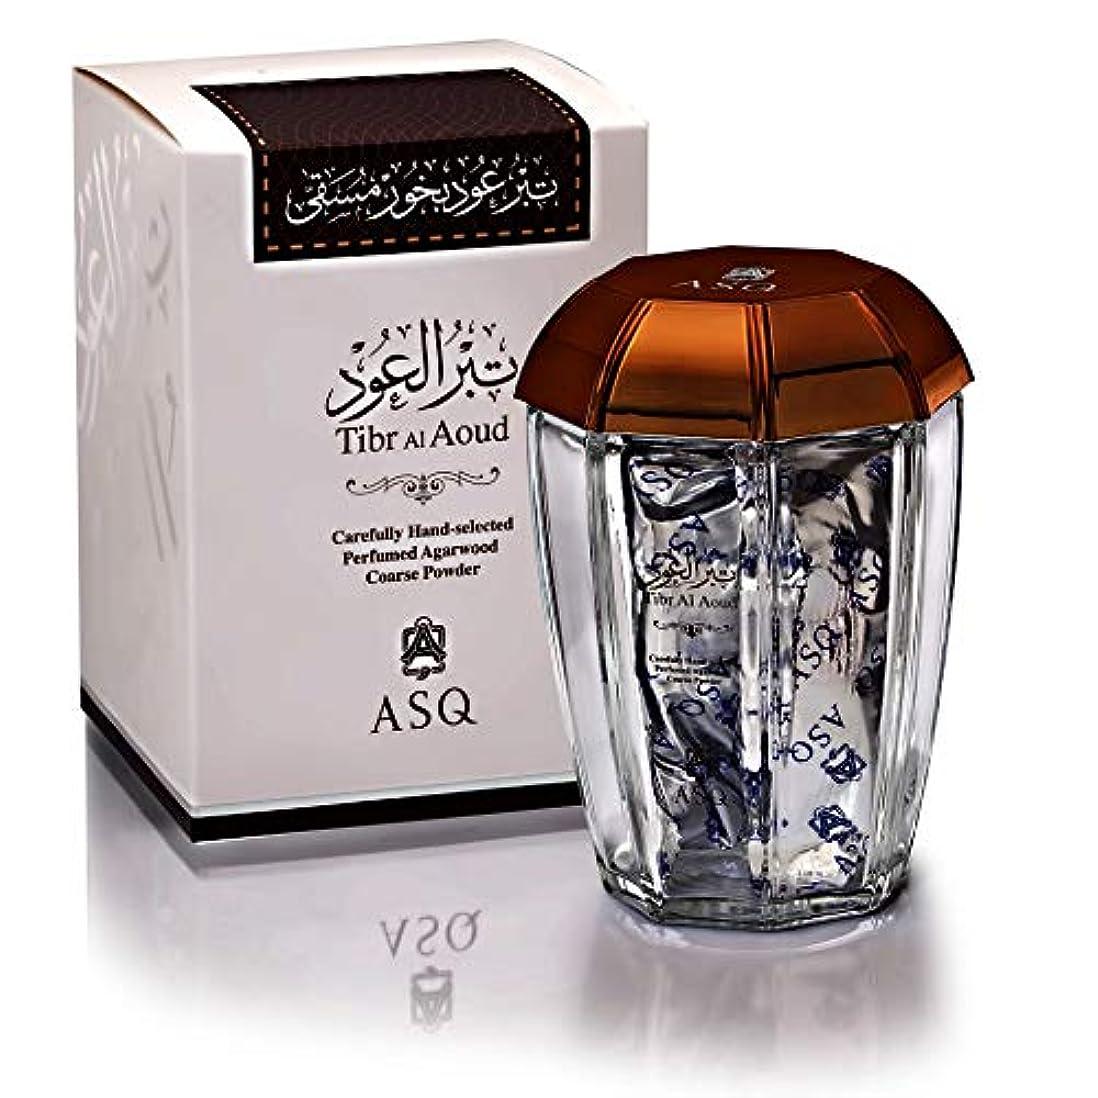 午後陰謀申し立てるアブドゥル・サマド・アル・クラシ ティブル アル ウード バフール お香 70グラム ティブル ウード バフール